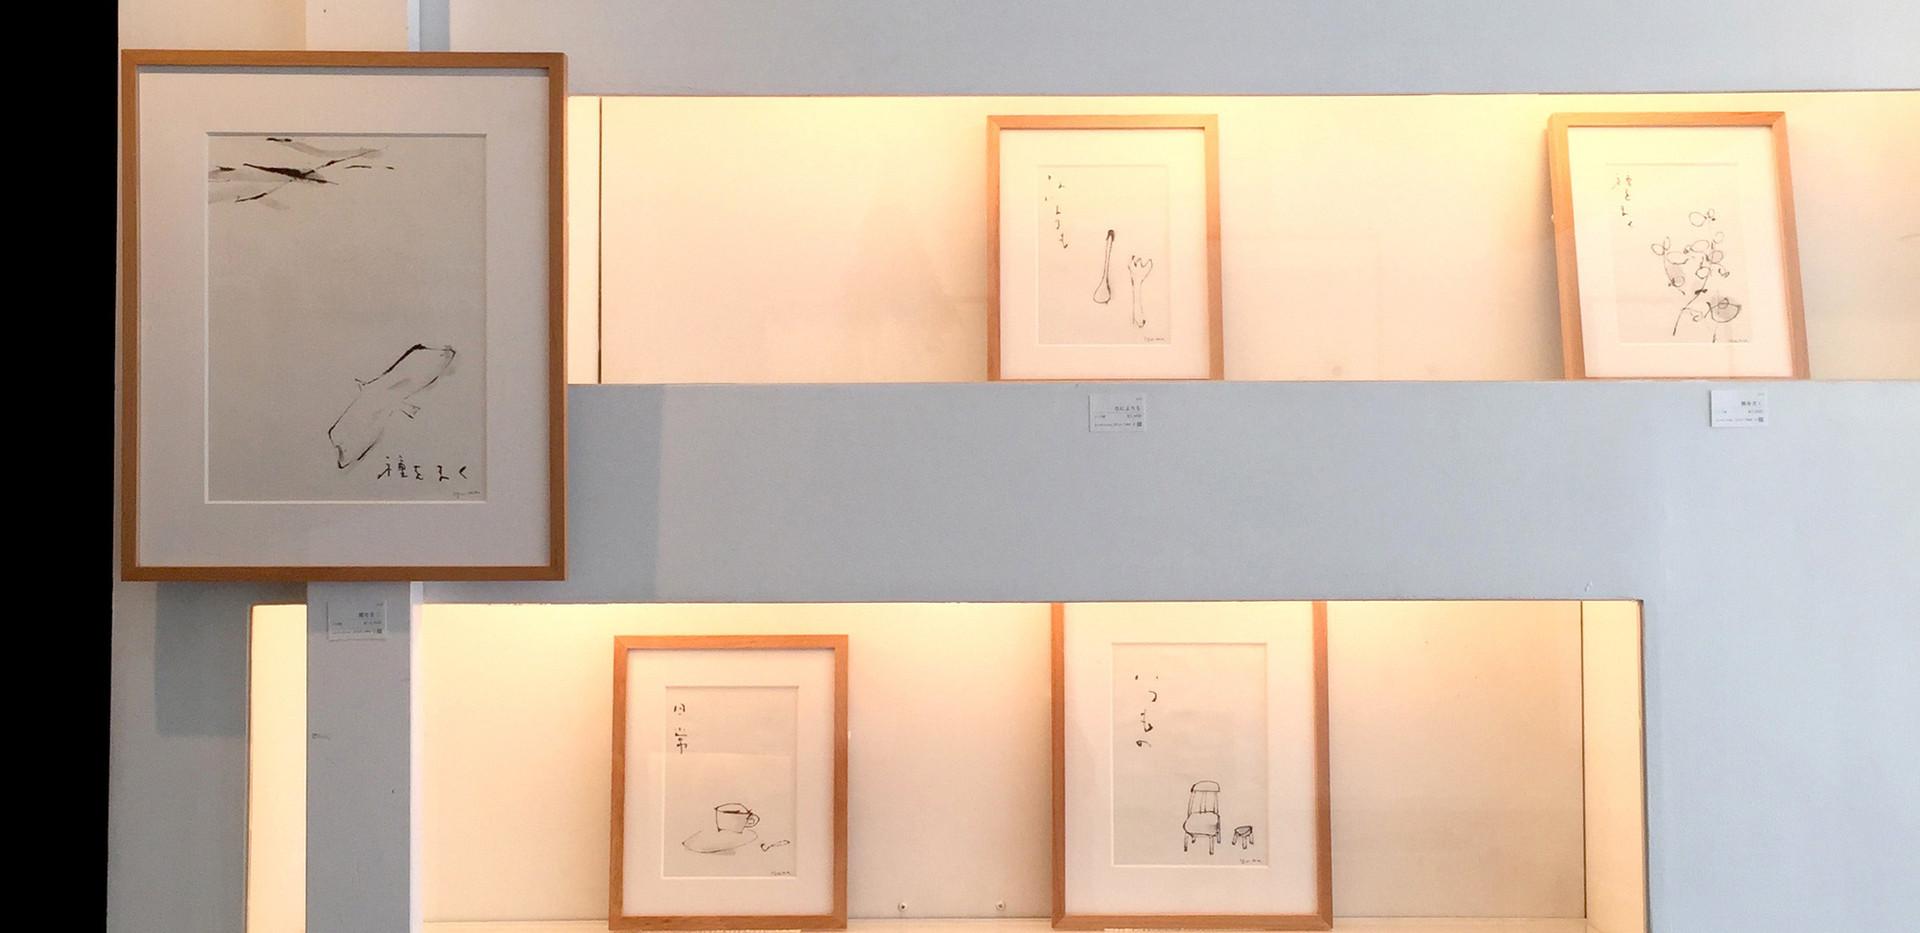 アロマロースト様exhibition5.jpg